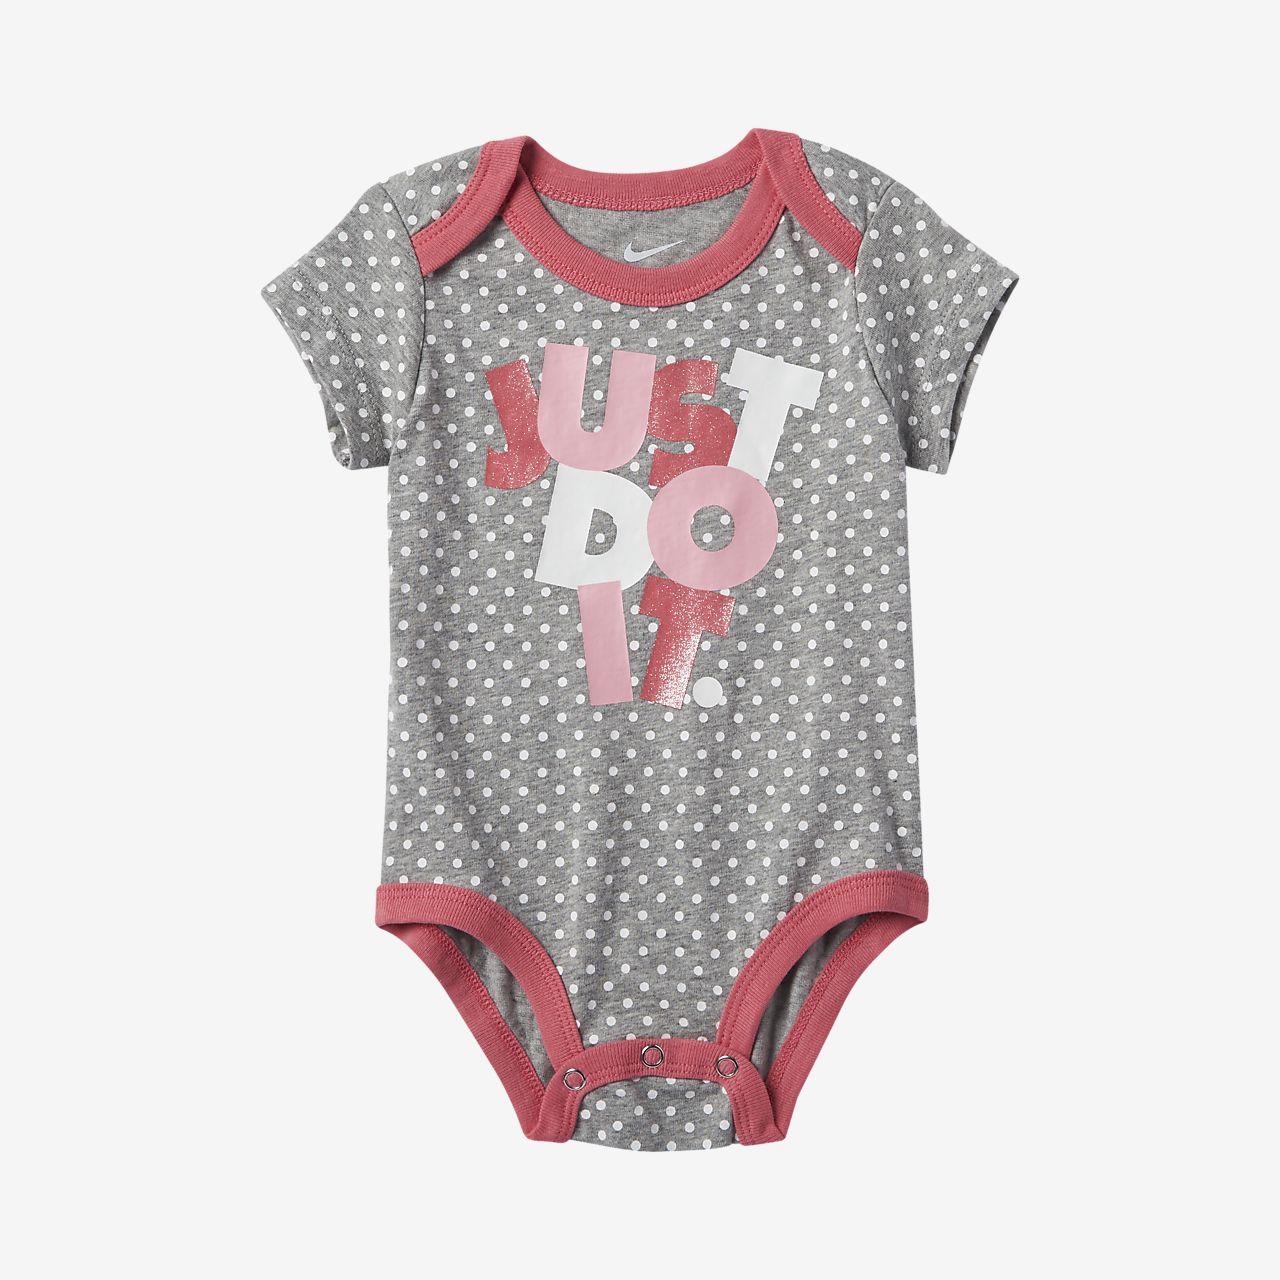 Nike JDI Rompertje voor baby's (0-9 maanden)